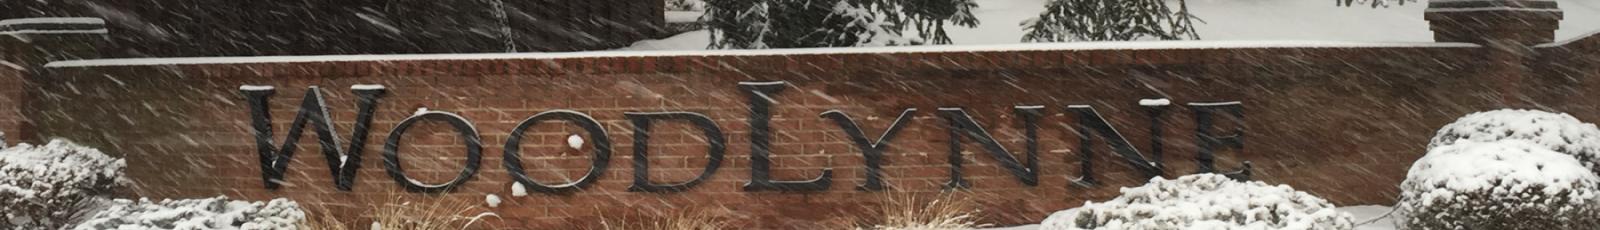 Woodlynne Community